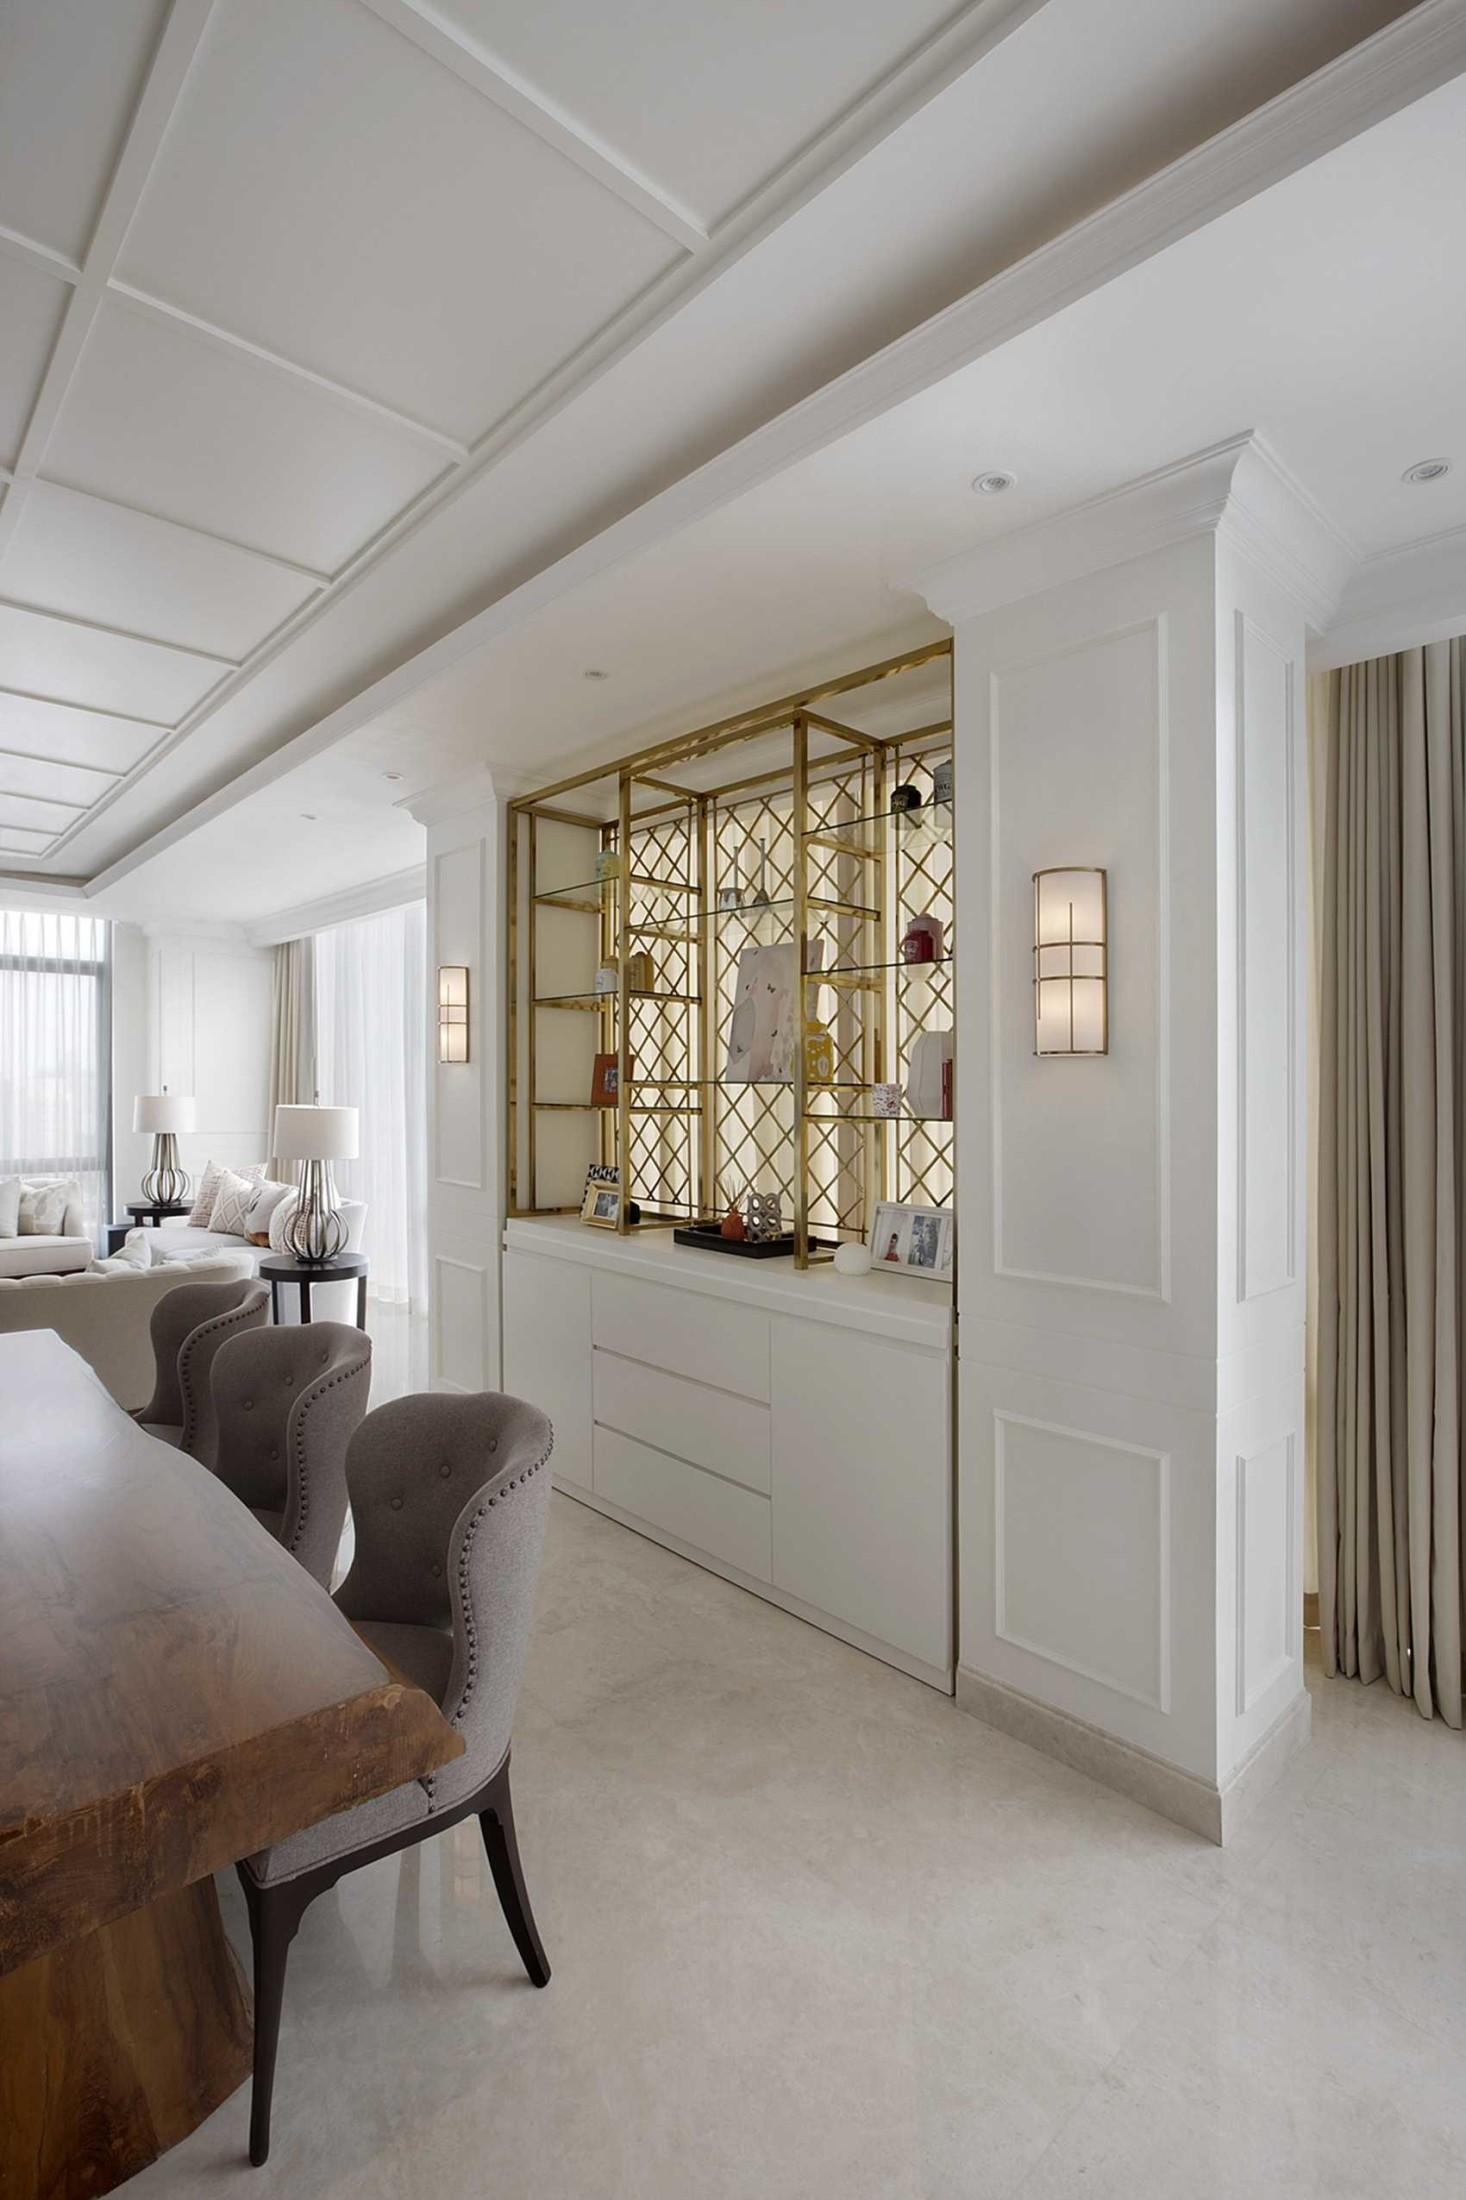 Solusi keren menyiasati kolom di tengah ruang senopati-suites-apartment-1 (Sumber: arsitag.com)